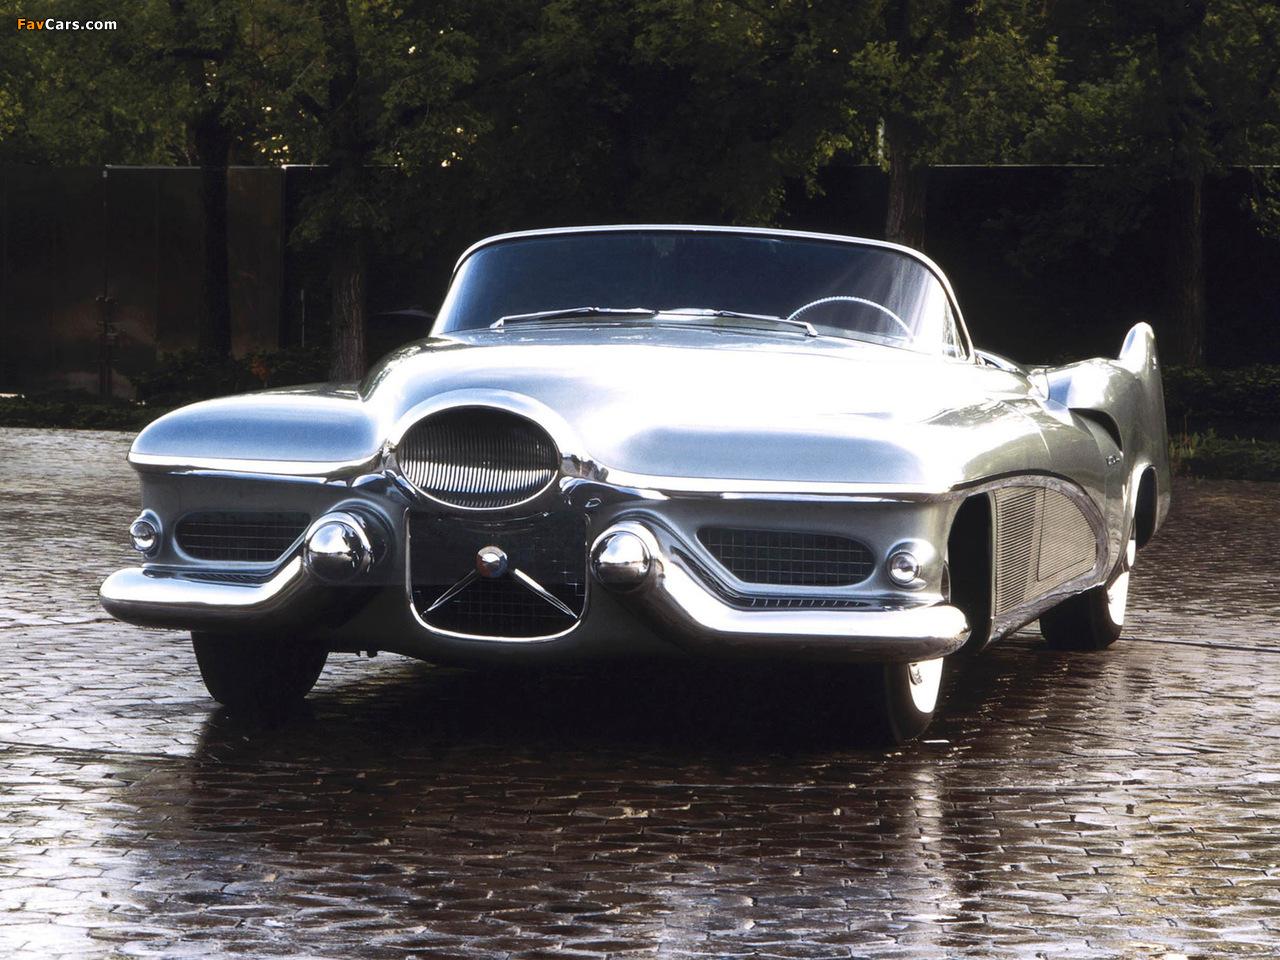 GM LeSabre Concept Car 1951 photos (1280 x 960)